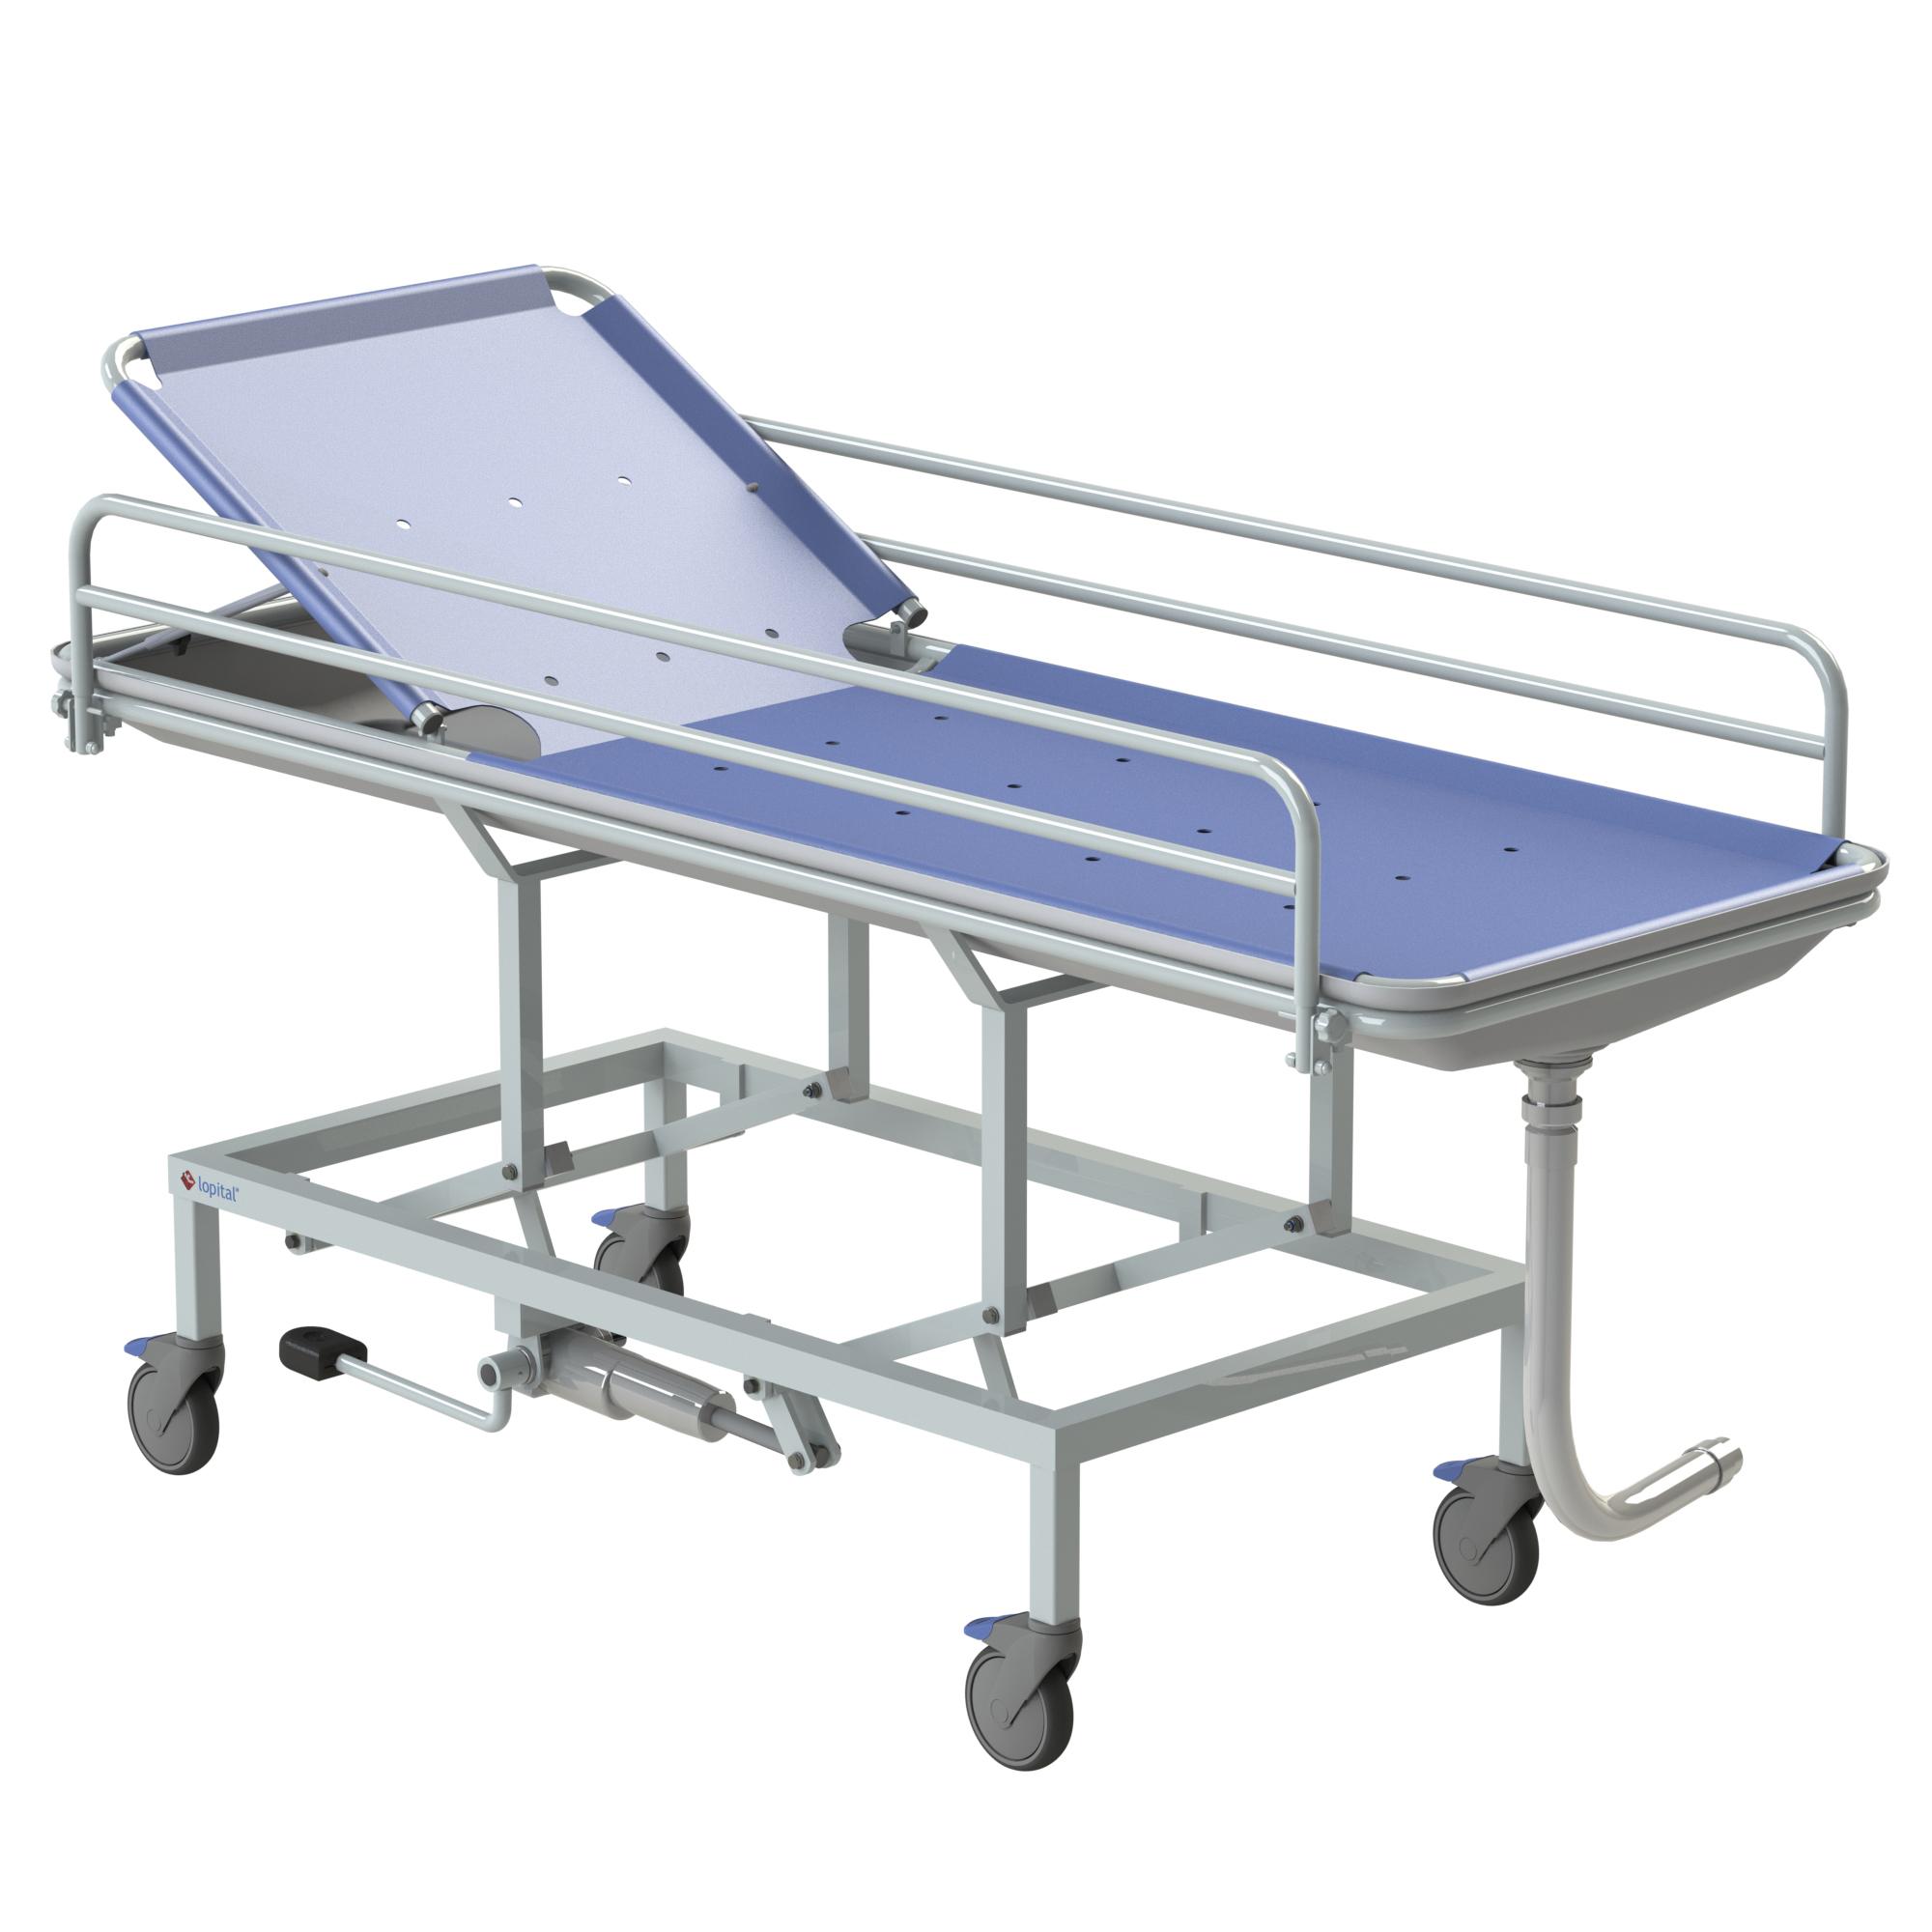 in lit shower bed manual zephyr en medical d by trolley france sotec